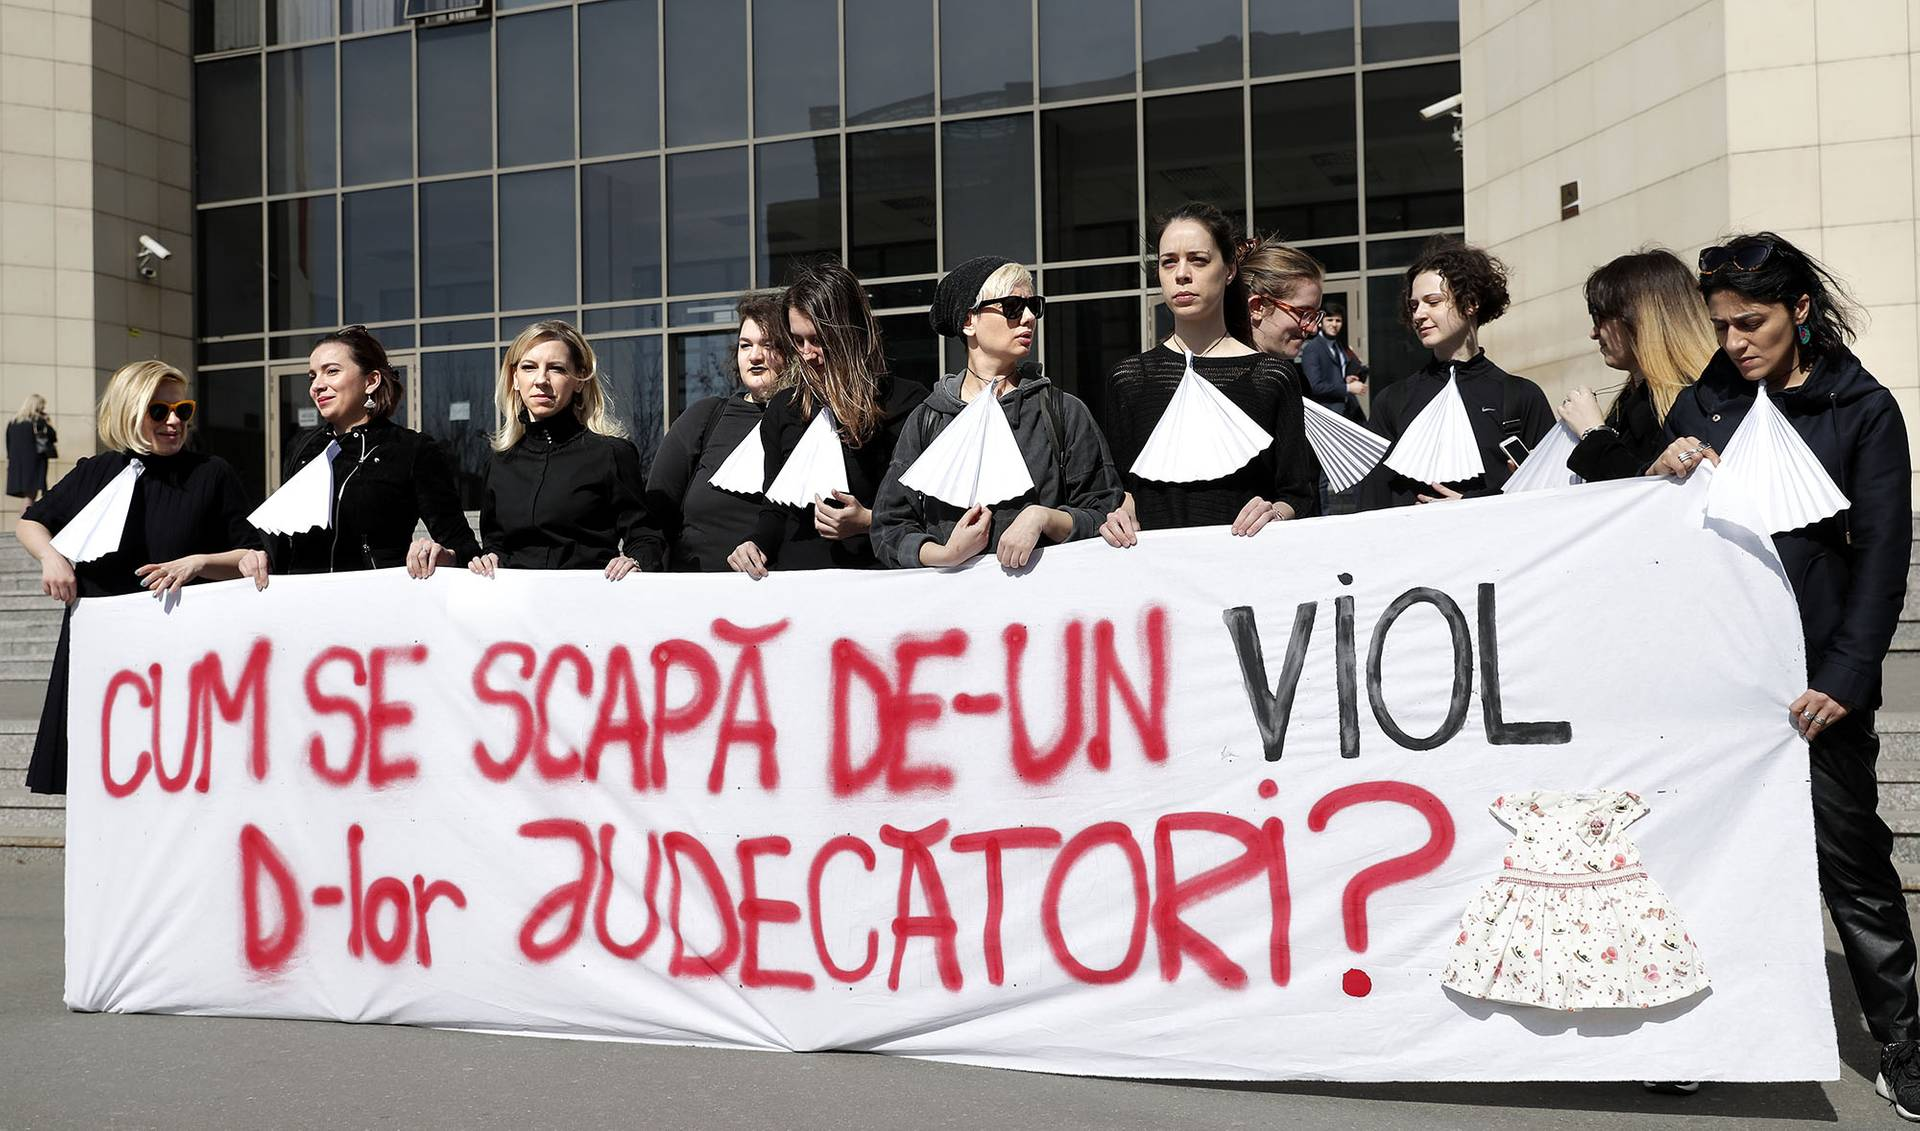 Активістки двох феміністських громадських організацій біля будівлі Бухарестського суду влаштували акцію протесту проти сексуального насильства, агресії та насильства над дівчатами та жінками, Бухарест, Румунія, 8 березня 2019 року. Таким чином вони нагадали про випадки побоїв і згвалтування, які були вирішені занадто м'яким судовим покаранням злочинця. Згідно з незалежним журналістським розслідуванням, поліцейські органи влади в країні реєструють близько 6 скарг на сексуальне насильство кожного тижня у Румунії. Демонстранти закликали до реформування законодавства, судової системи, створення спеціальних центрів для жертв, простіших процедур реєстрації нападів і безкоштовних медичних довідок, що підтверджують напади